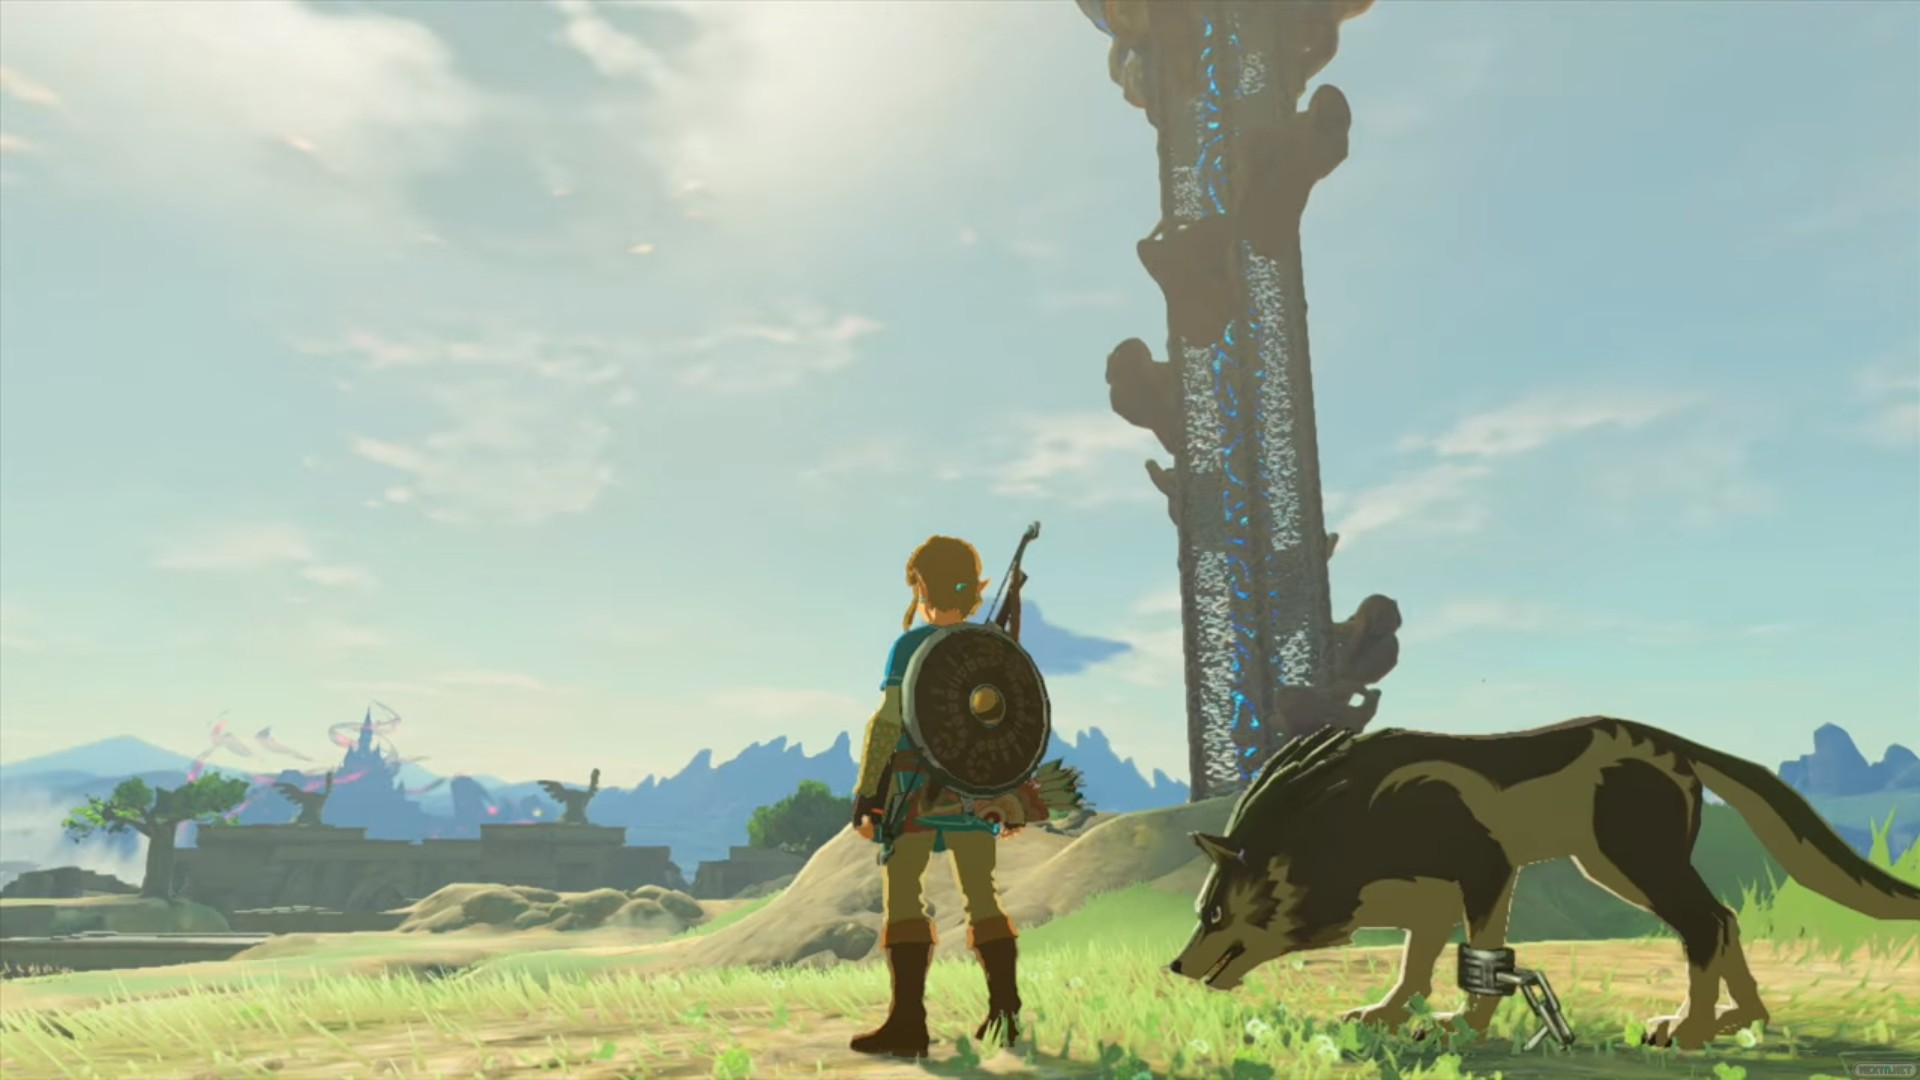 Link Lobo Zelda Breath of the Wild